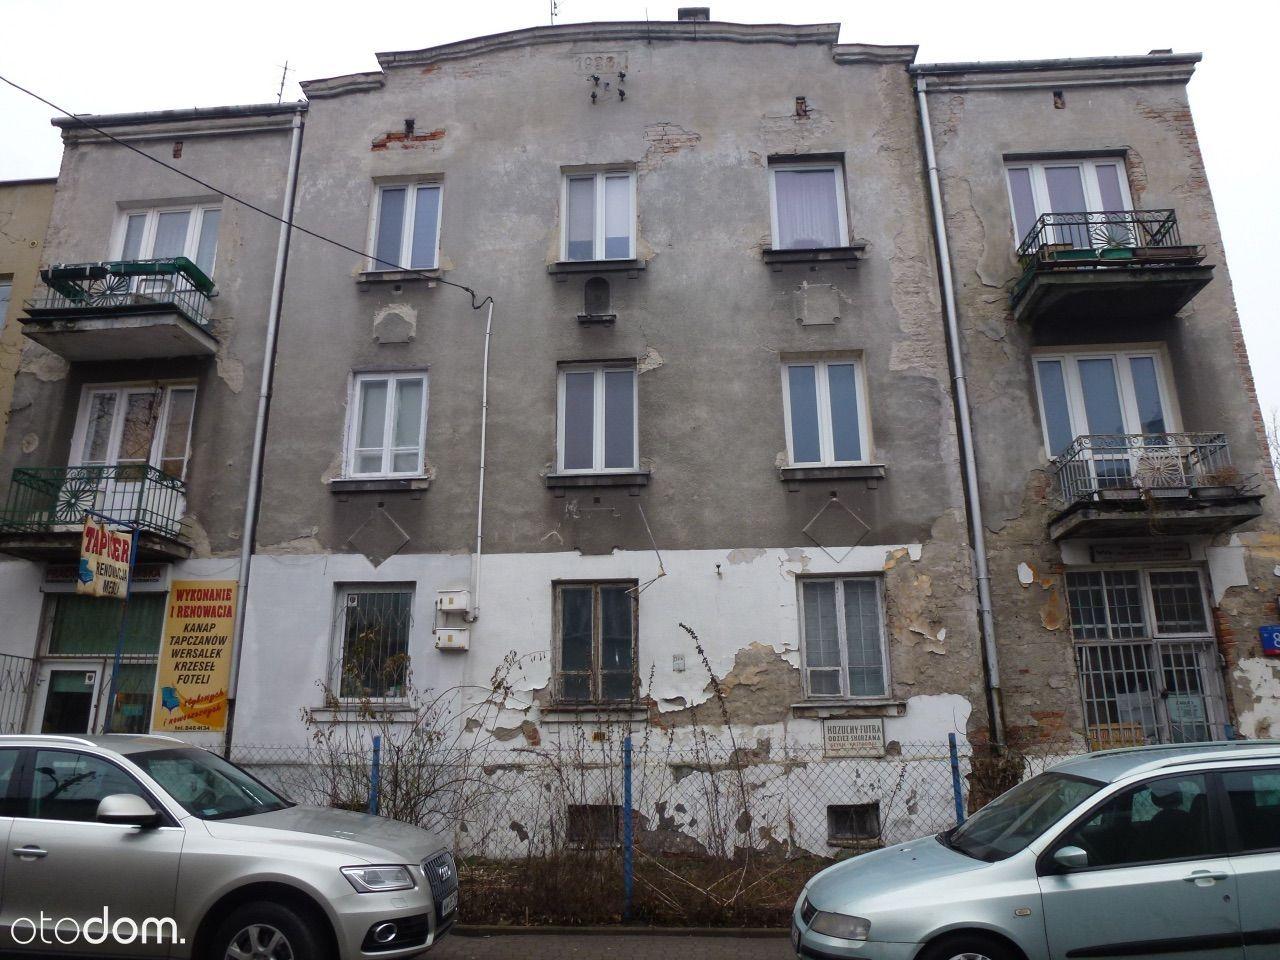 Lokal użytkowy na sprzedaż, Warszawa, Włochy - Foto 1